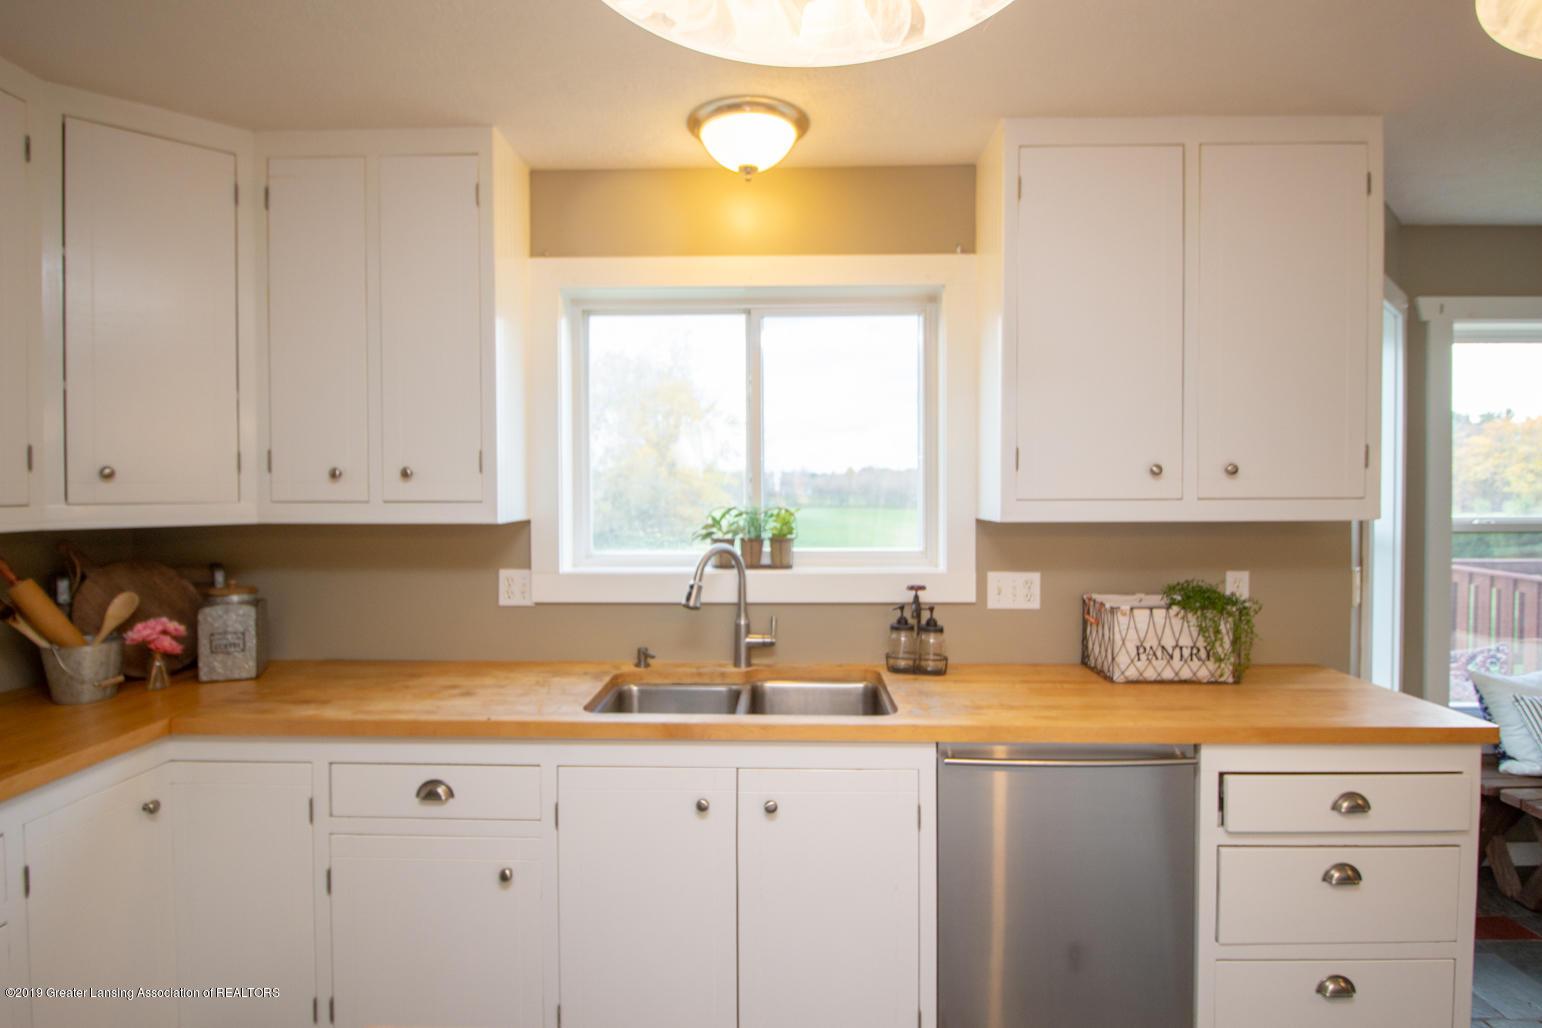 1562 S Waverly Rd - kitchen sink - 4